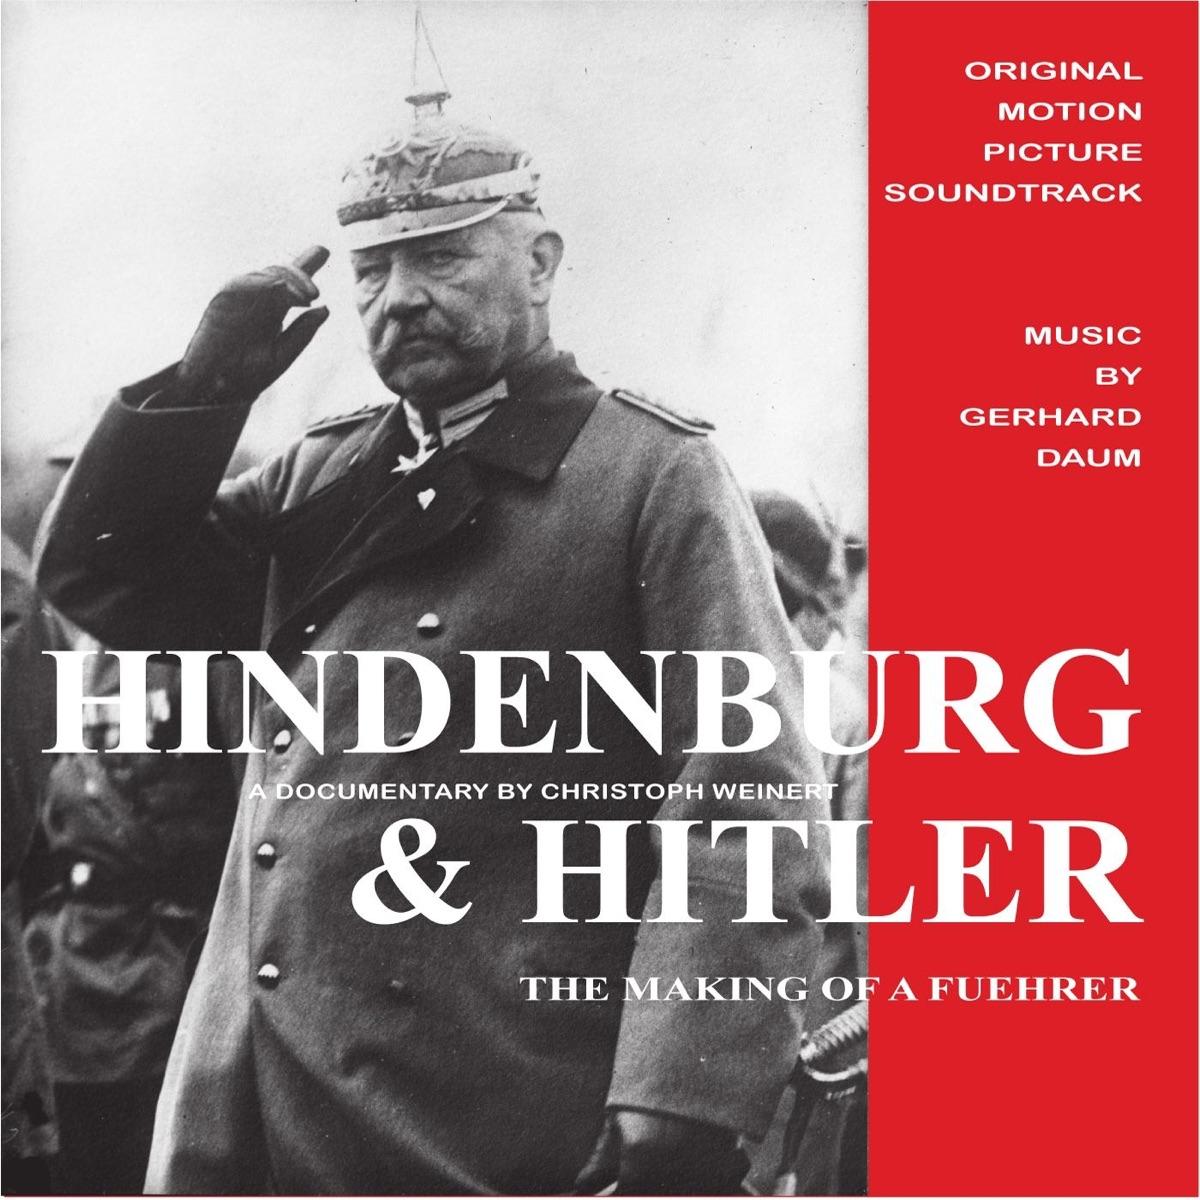 Hindenburg  Hitler The Making of a Fuehrer Original Motion Picture Soundtrack Gerhard Daum CD cover